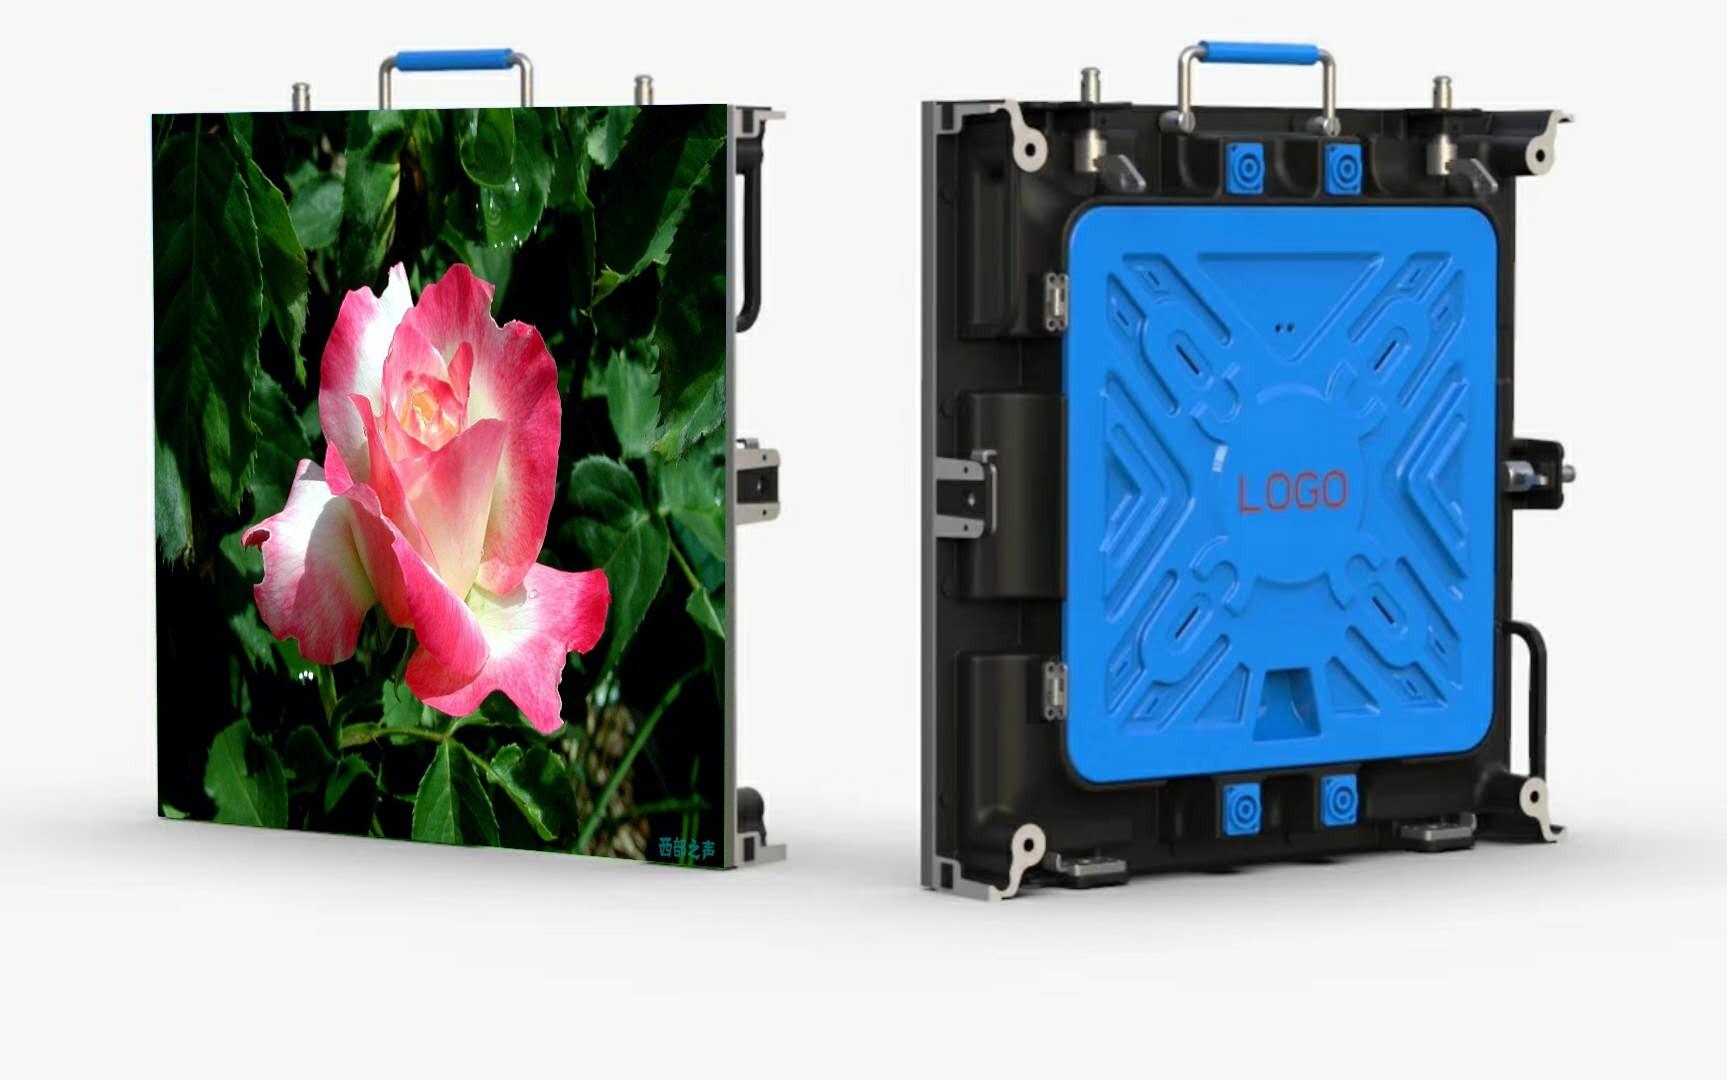 p4 indoor led display Manufacturers, p4 indoor led display Factory, Supply p4 indoor led display